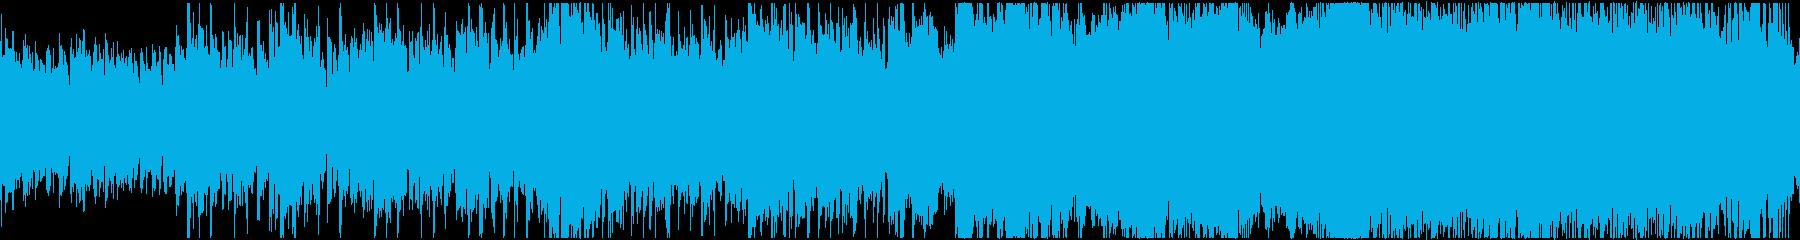 天空のシネマティック造語BGM・ループの再生済みの波形